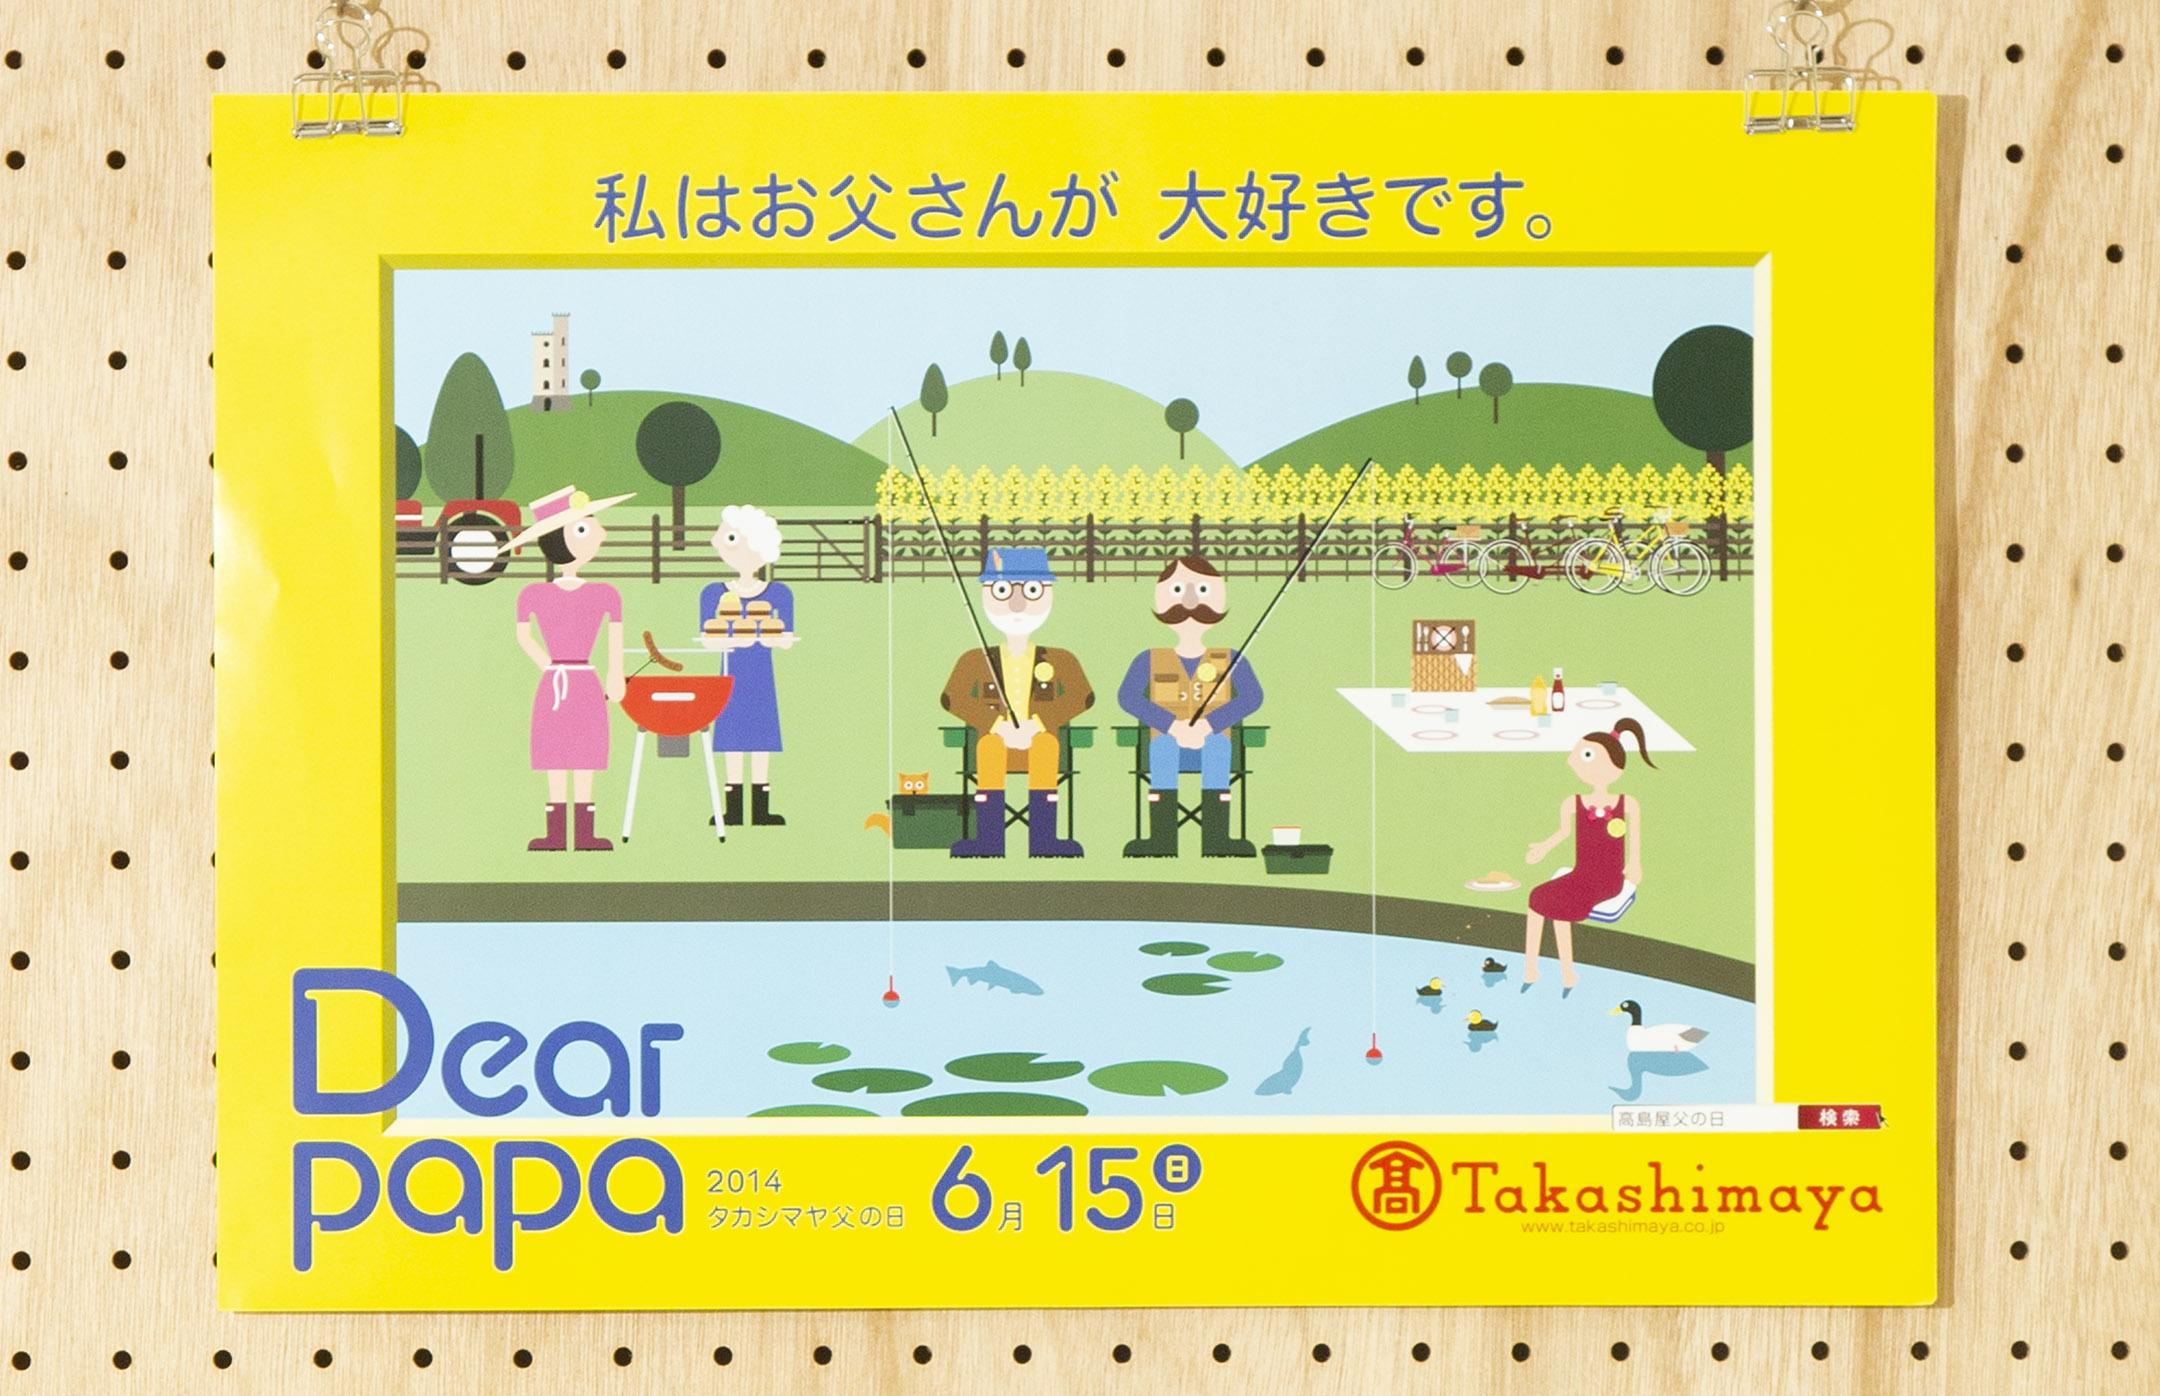 soda design Takashimaya  Dear mama Dear papa